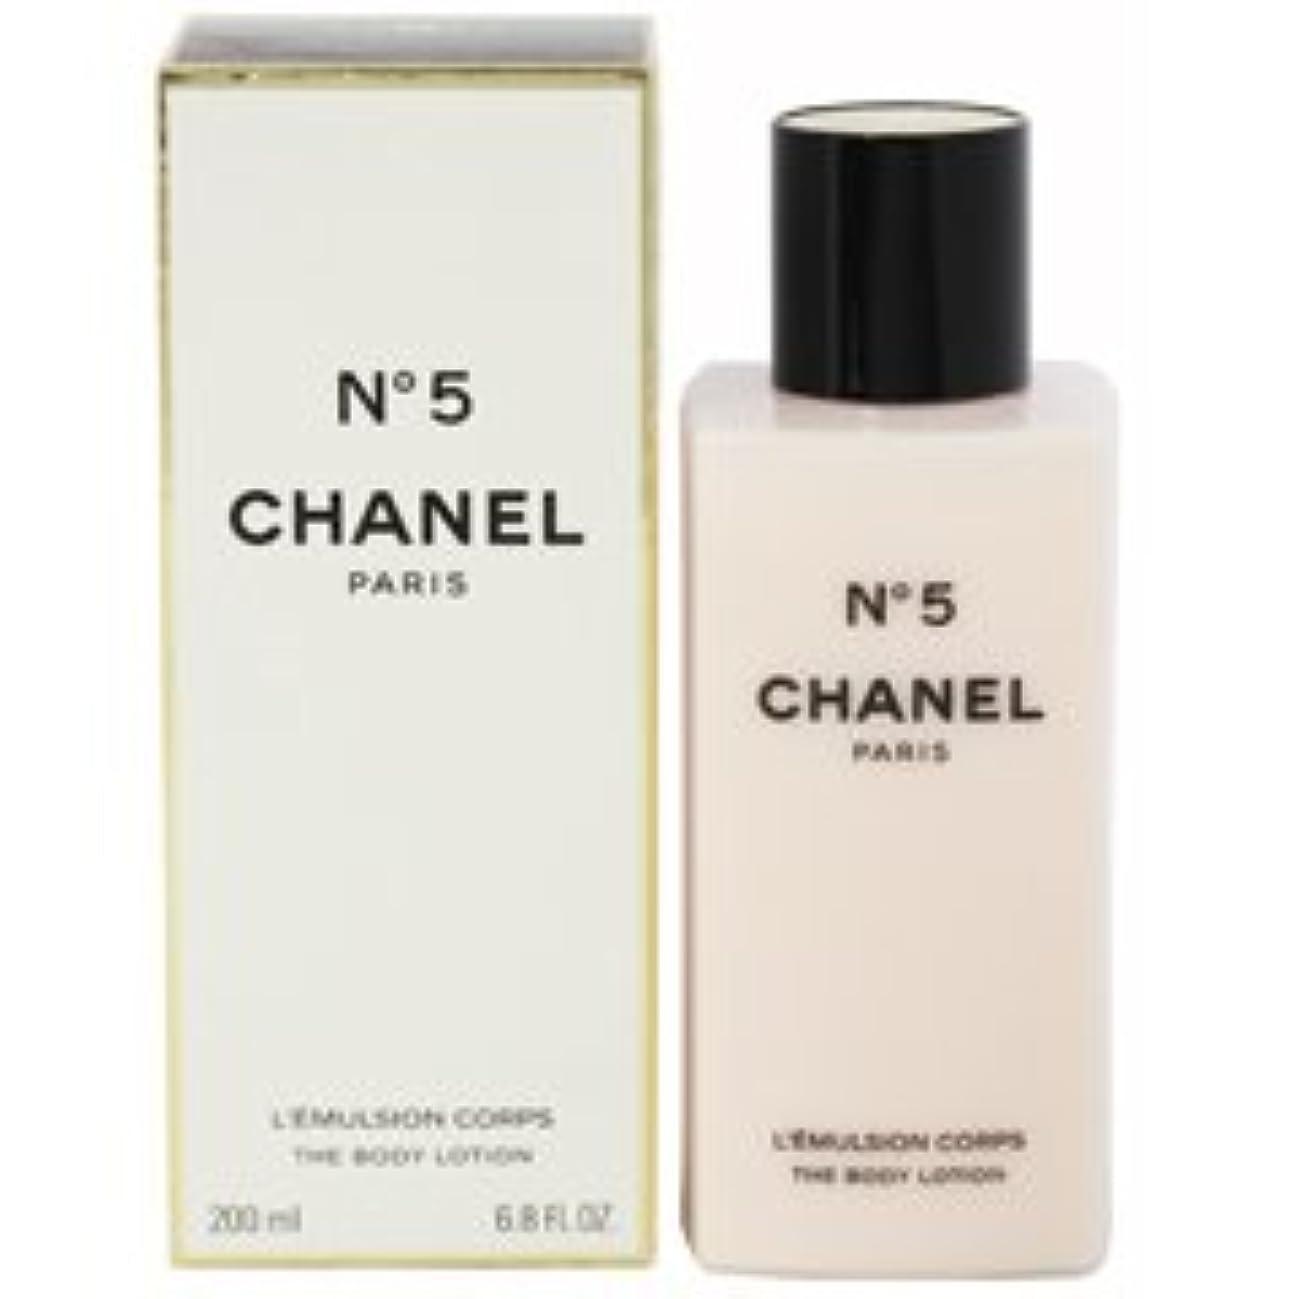 有罪好き人類Chanel No. 5 (シャネル No. 5 ) 6.8 oz (200ml) Body Lotion for Women